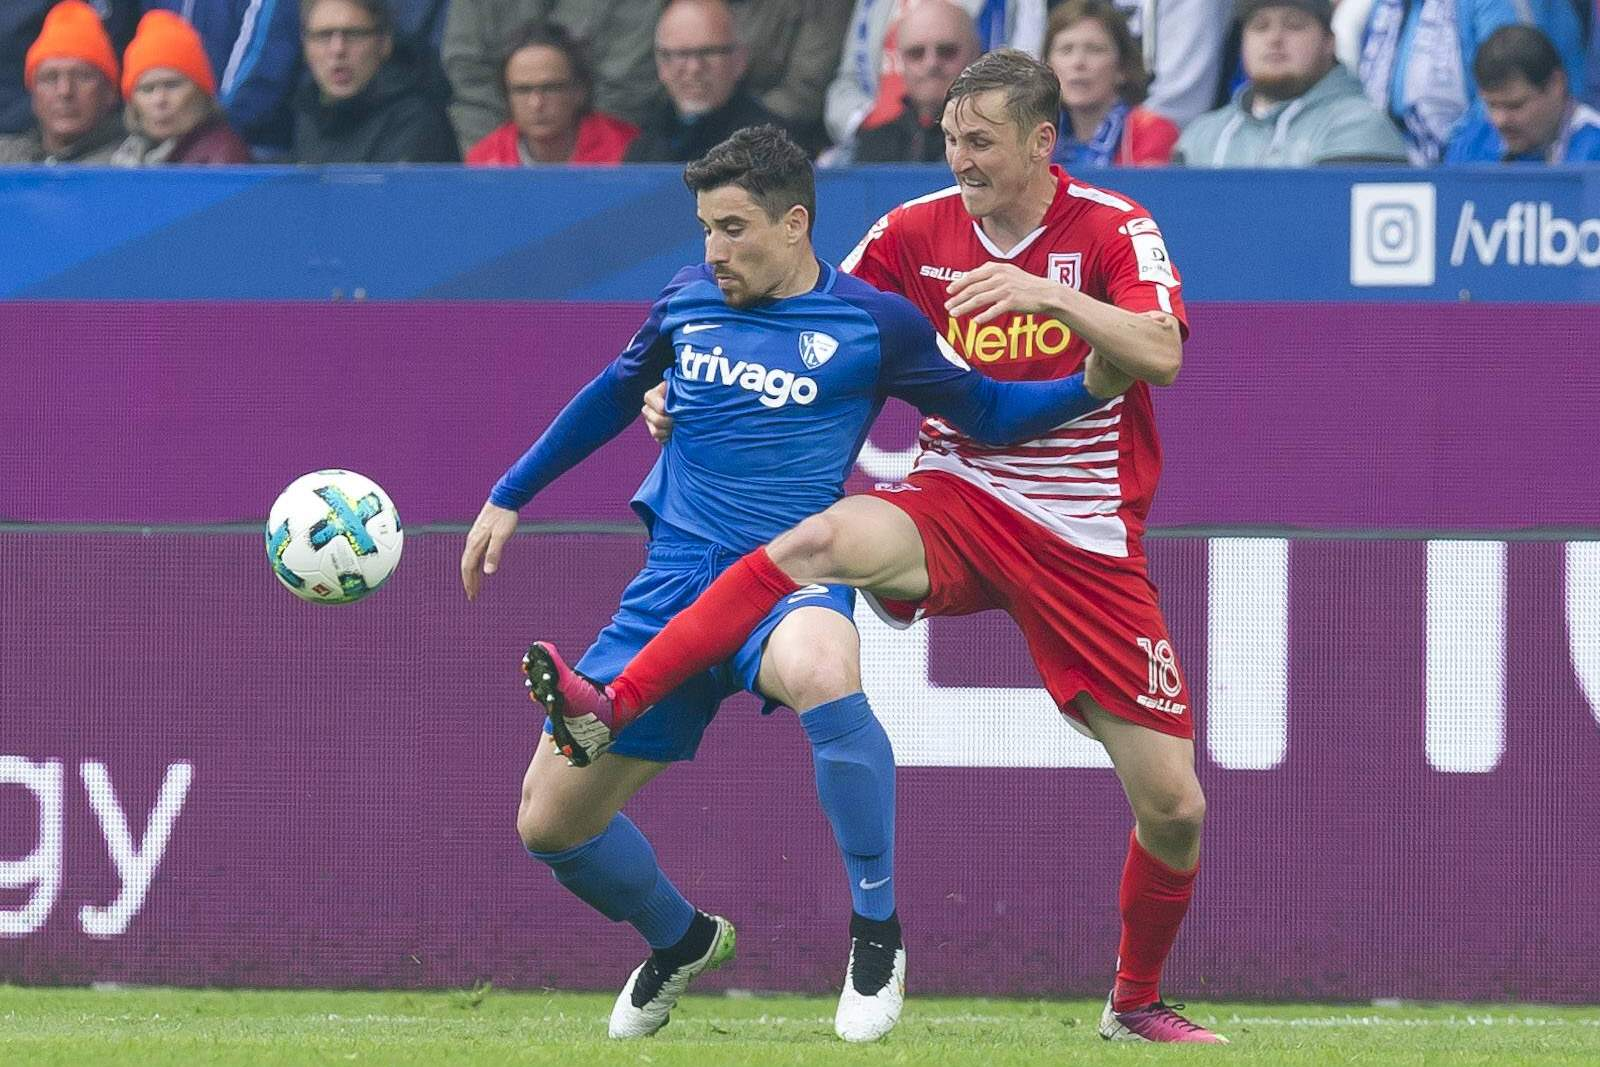 Entscheidet Danilo Soares das Aufeinandertreffen mit Mark Lais für sich? Jetzt auf Bochum gegen Regensburg wetten.